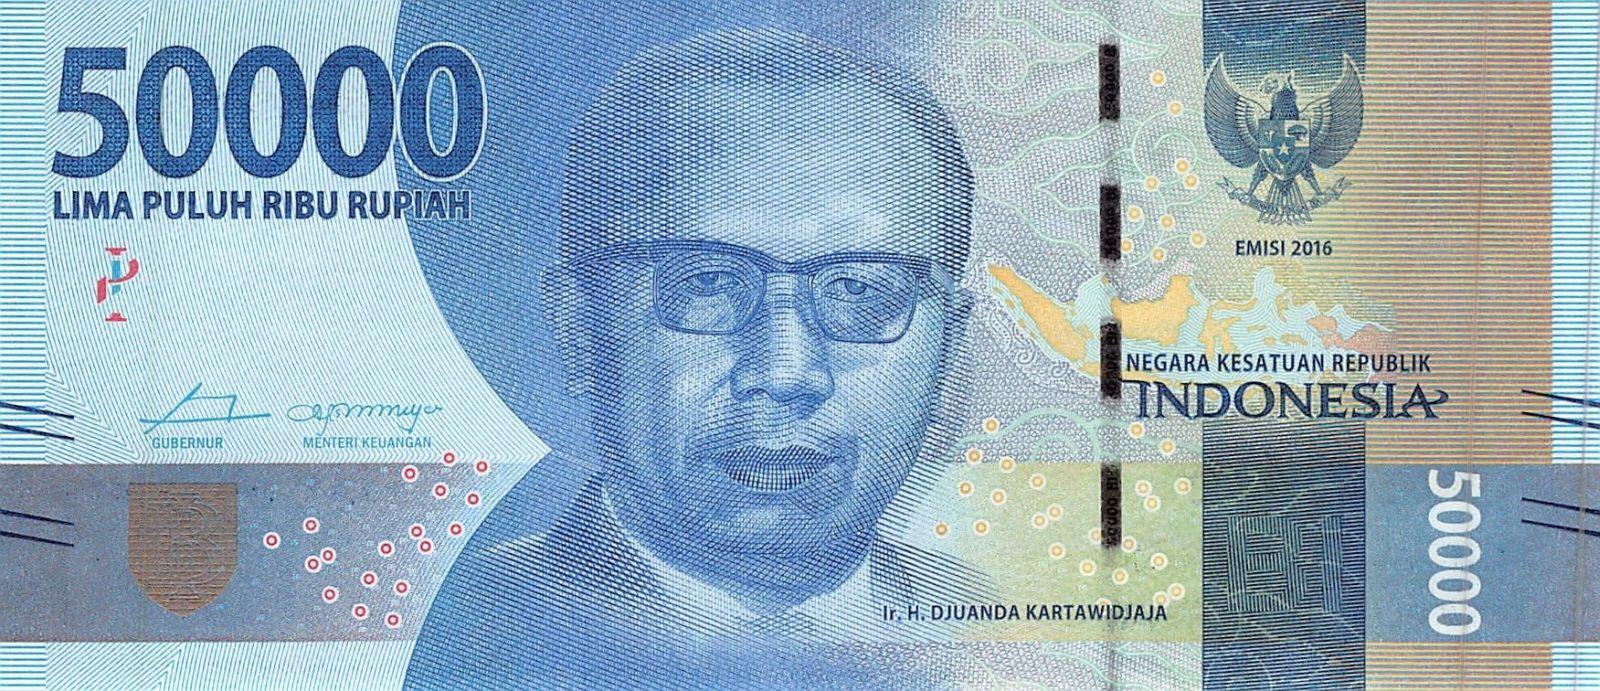 Gambar Pahlawan Di Mata Uang Indonesia